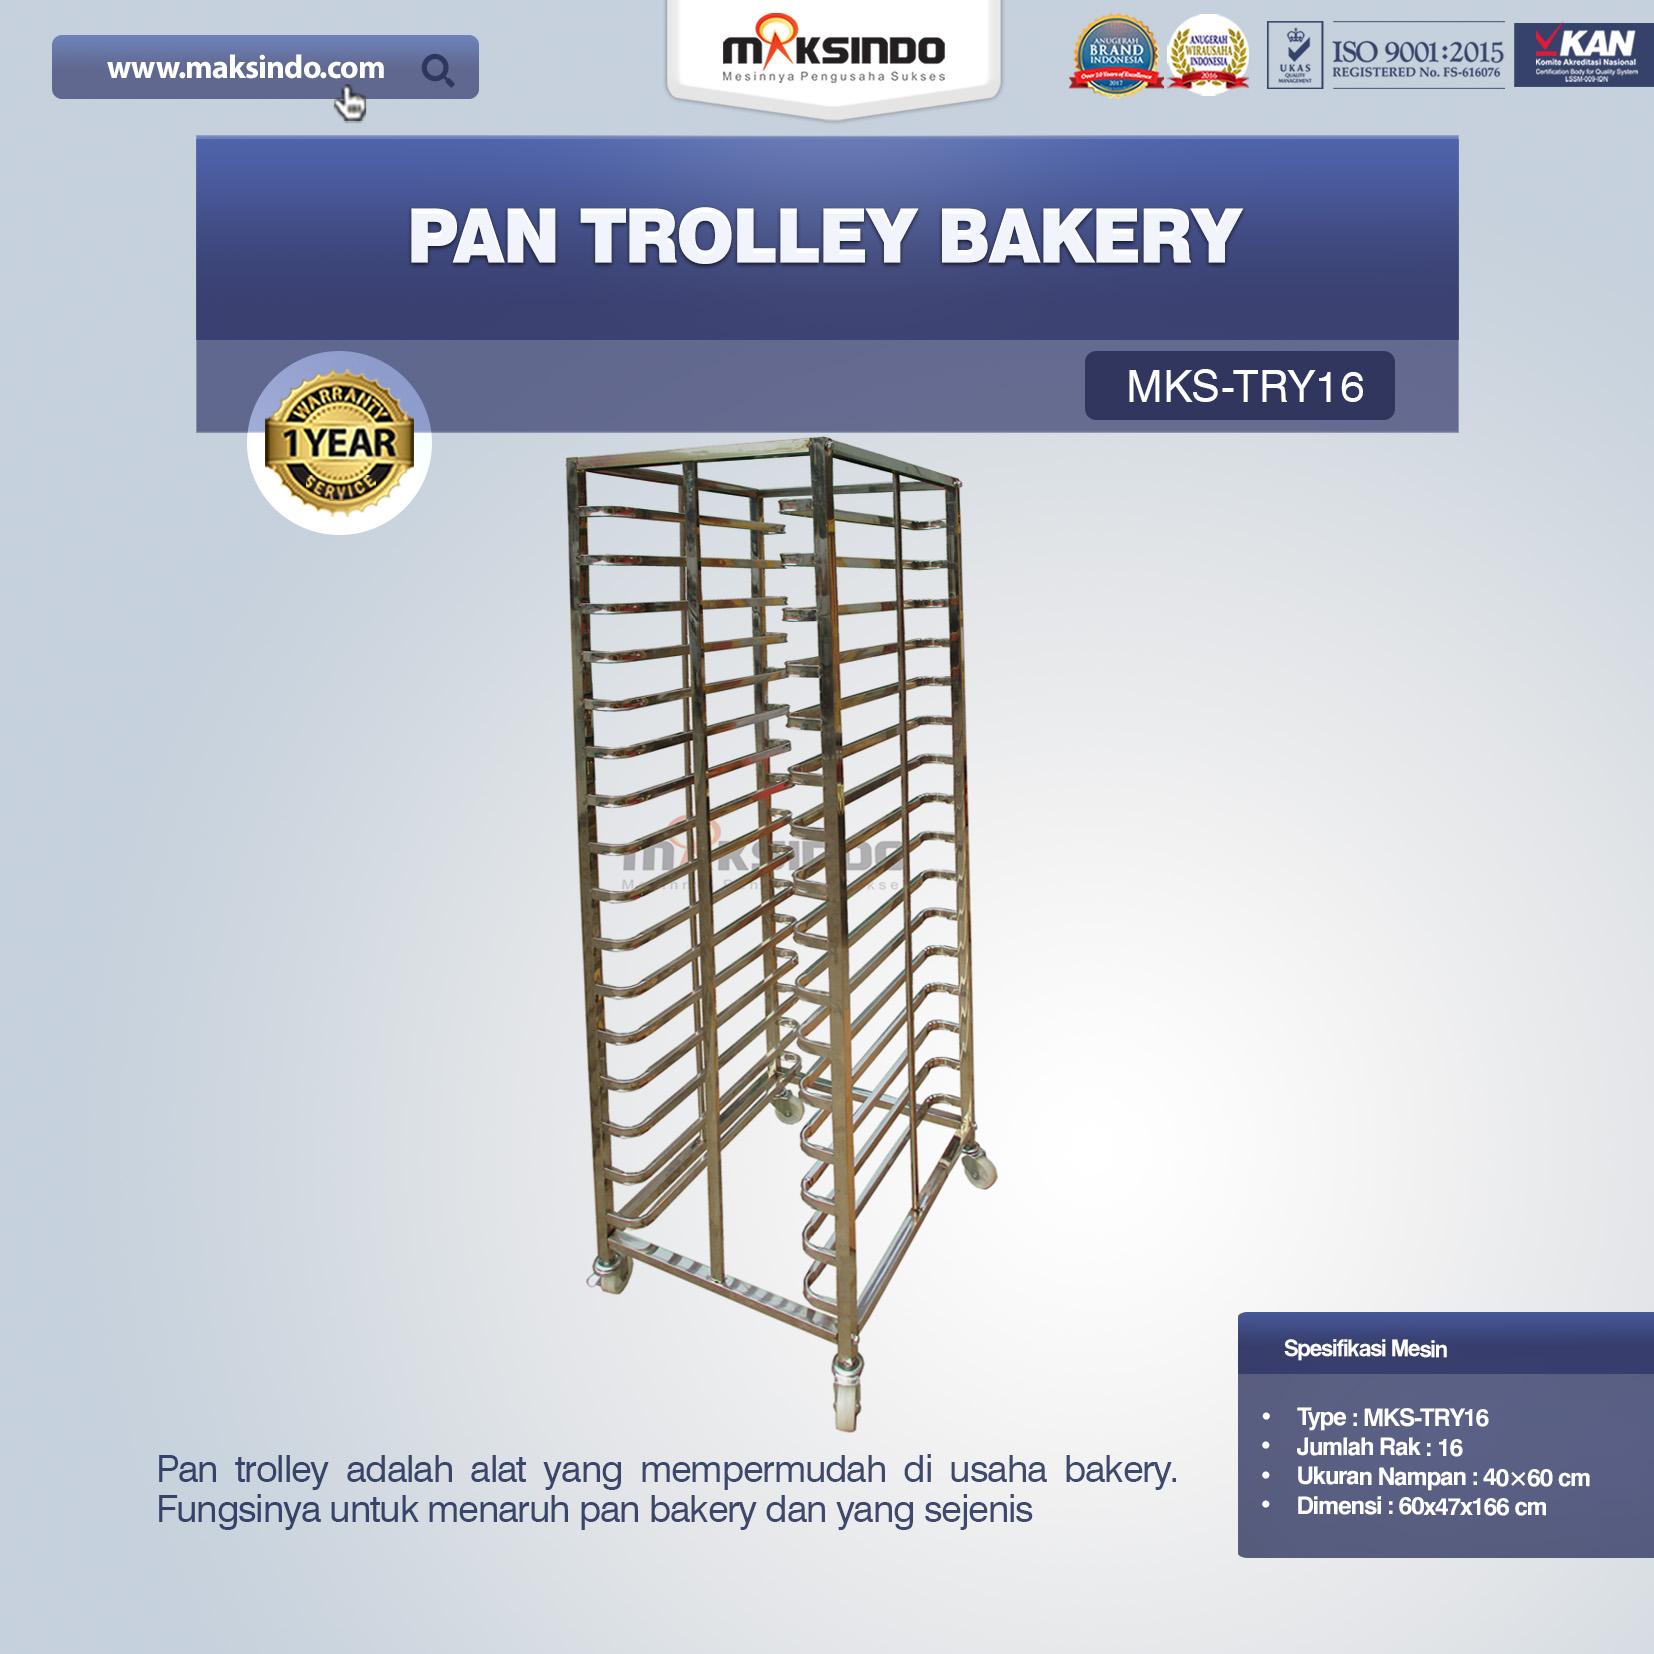 Jual Pan Trolley Bakery (MKS-TRY16) di Tangerang